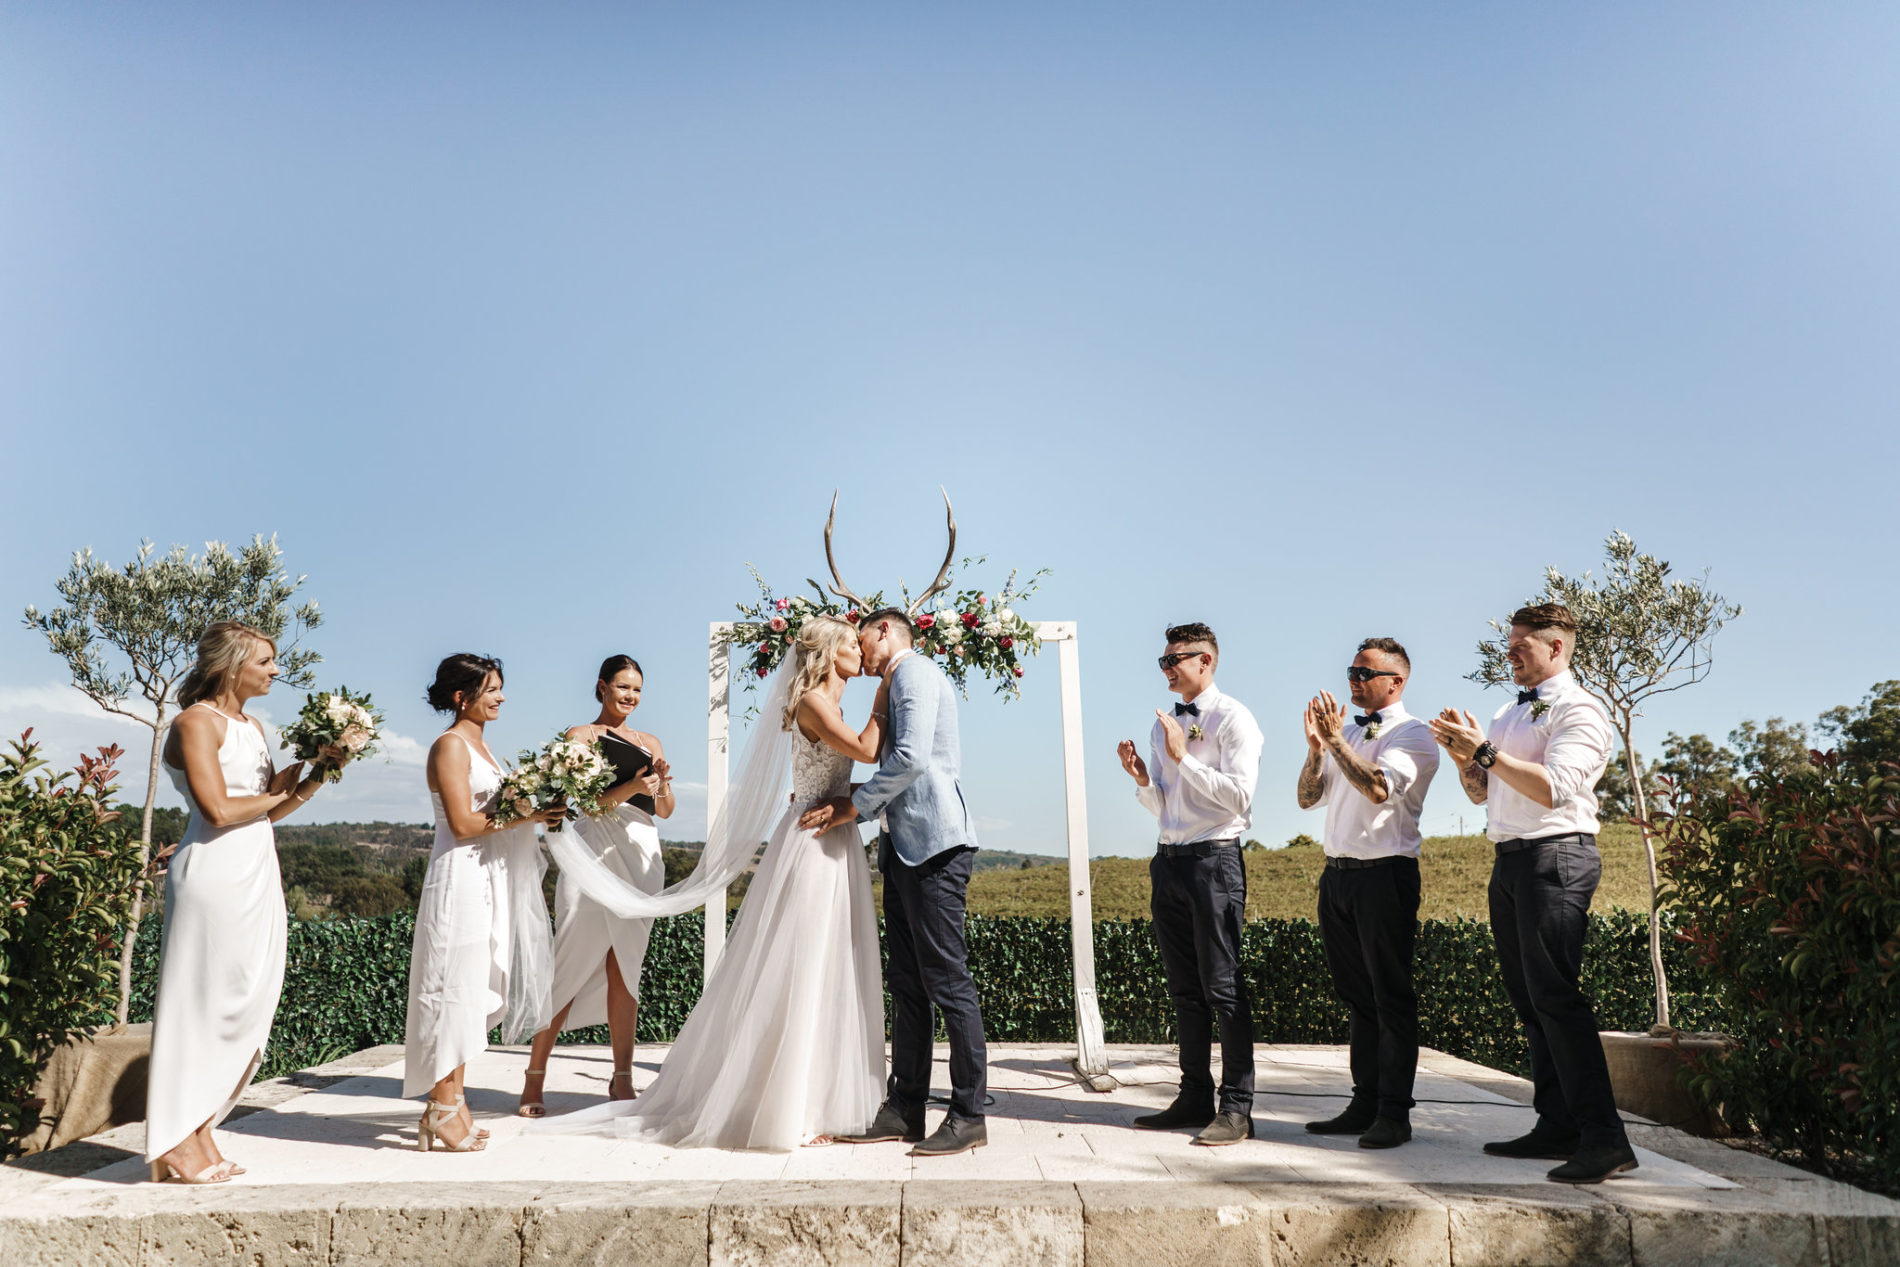 Wedding – Isreal Baldago shot